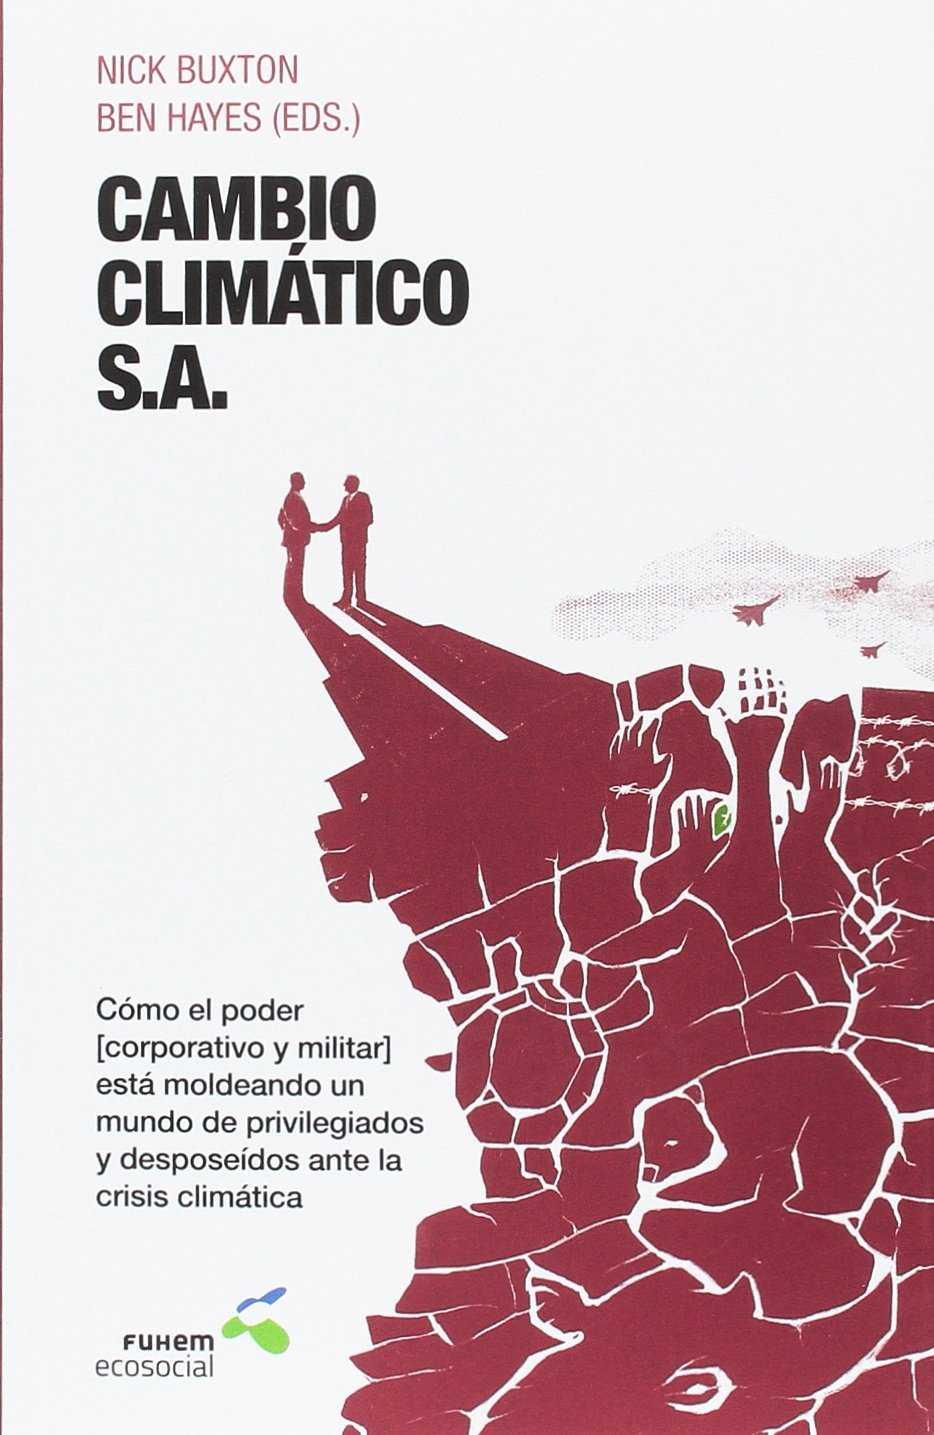 CAMBIO CLIMATICO S.A.